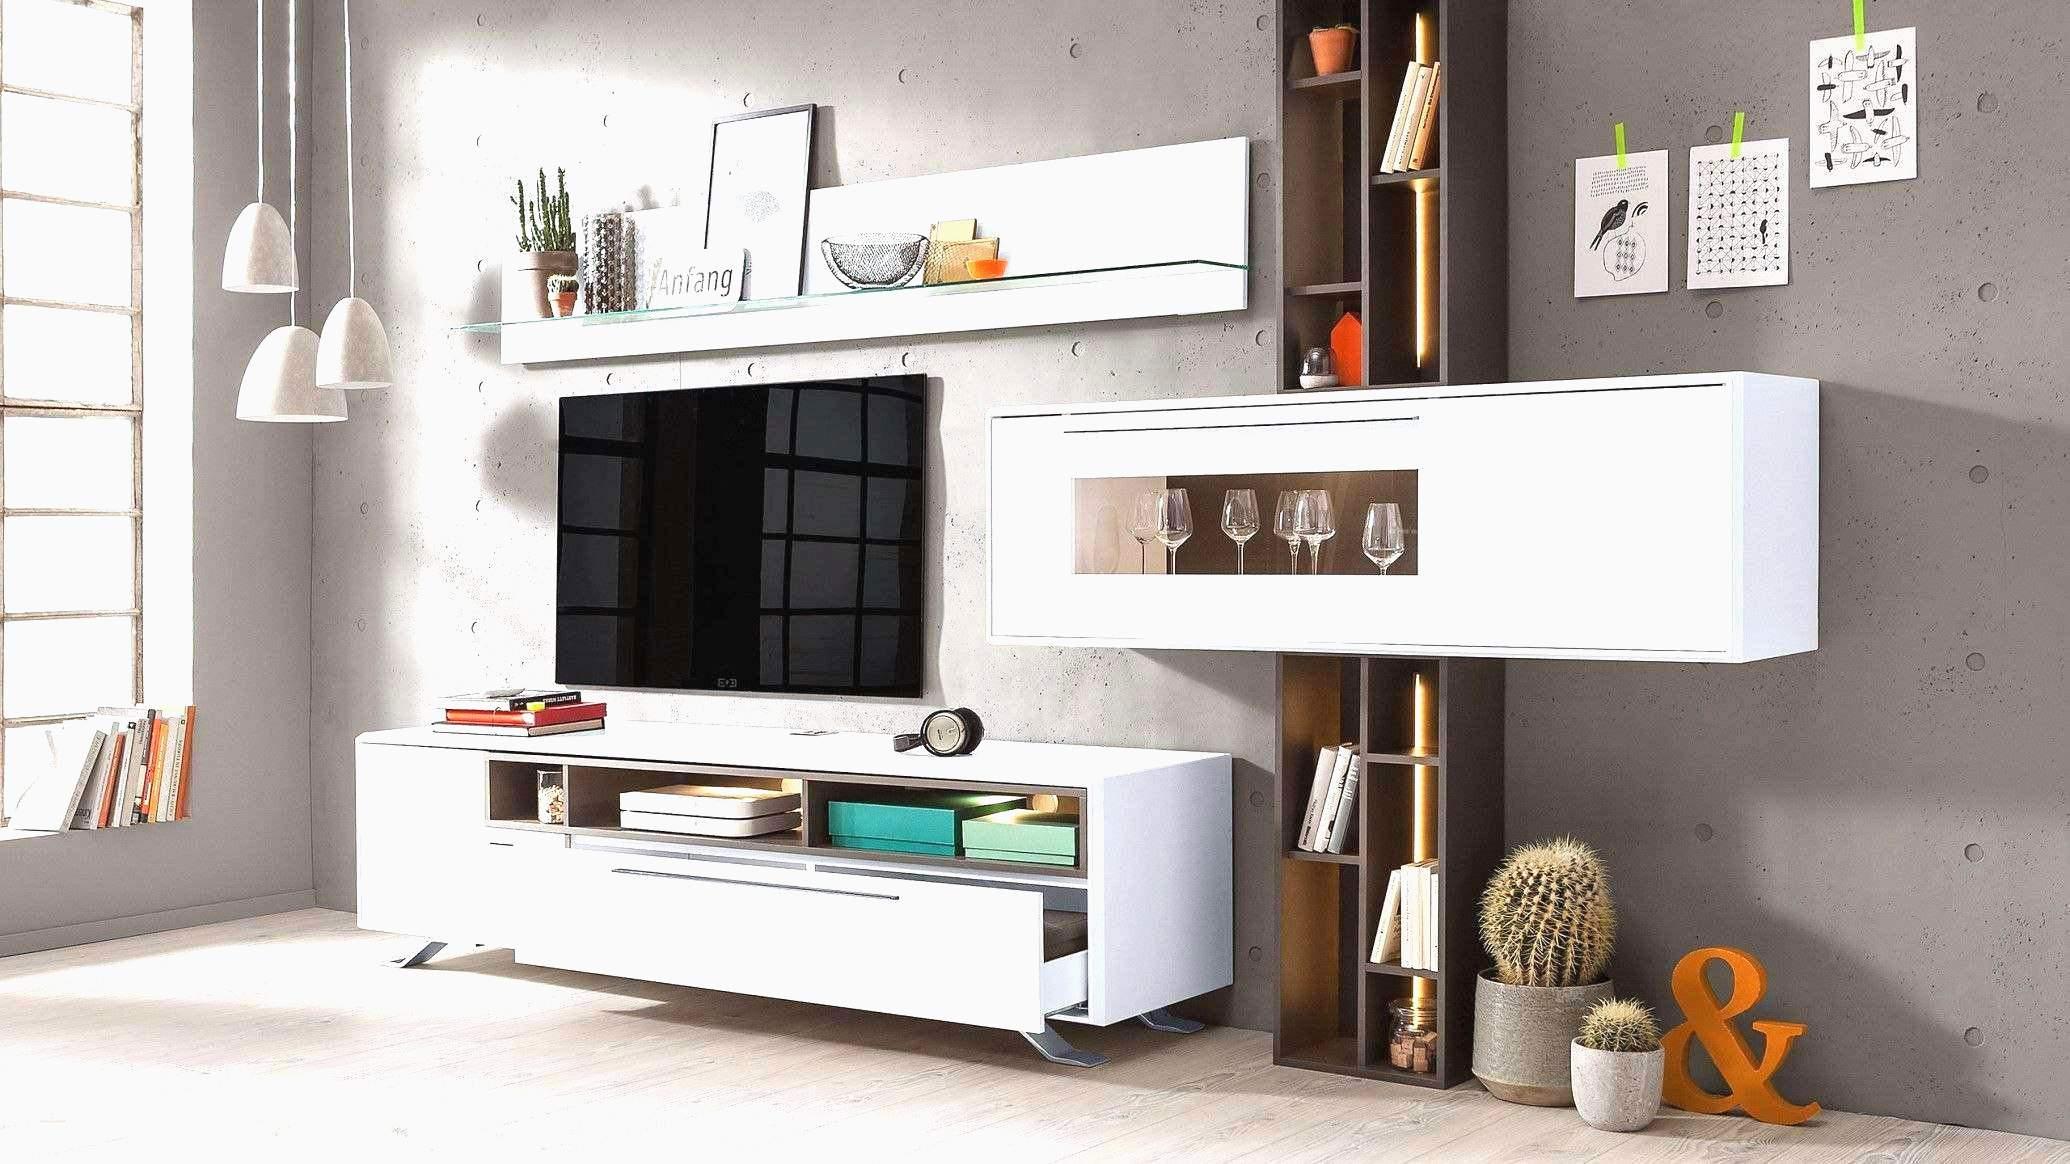 baum im wohnzimmer das beste von wanddeko wohnzimmer planen besten ideen ses jahr of baum im wohnzimmer